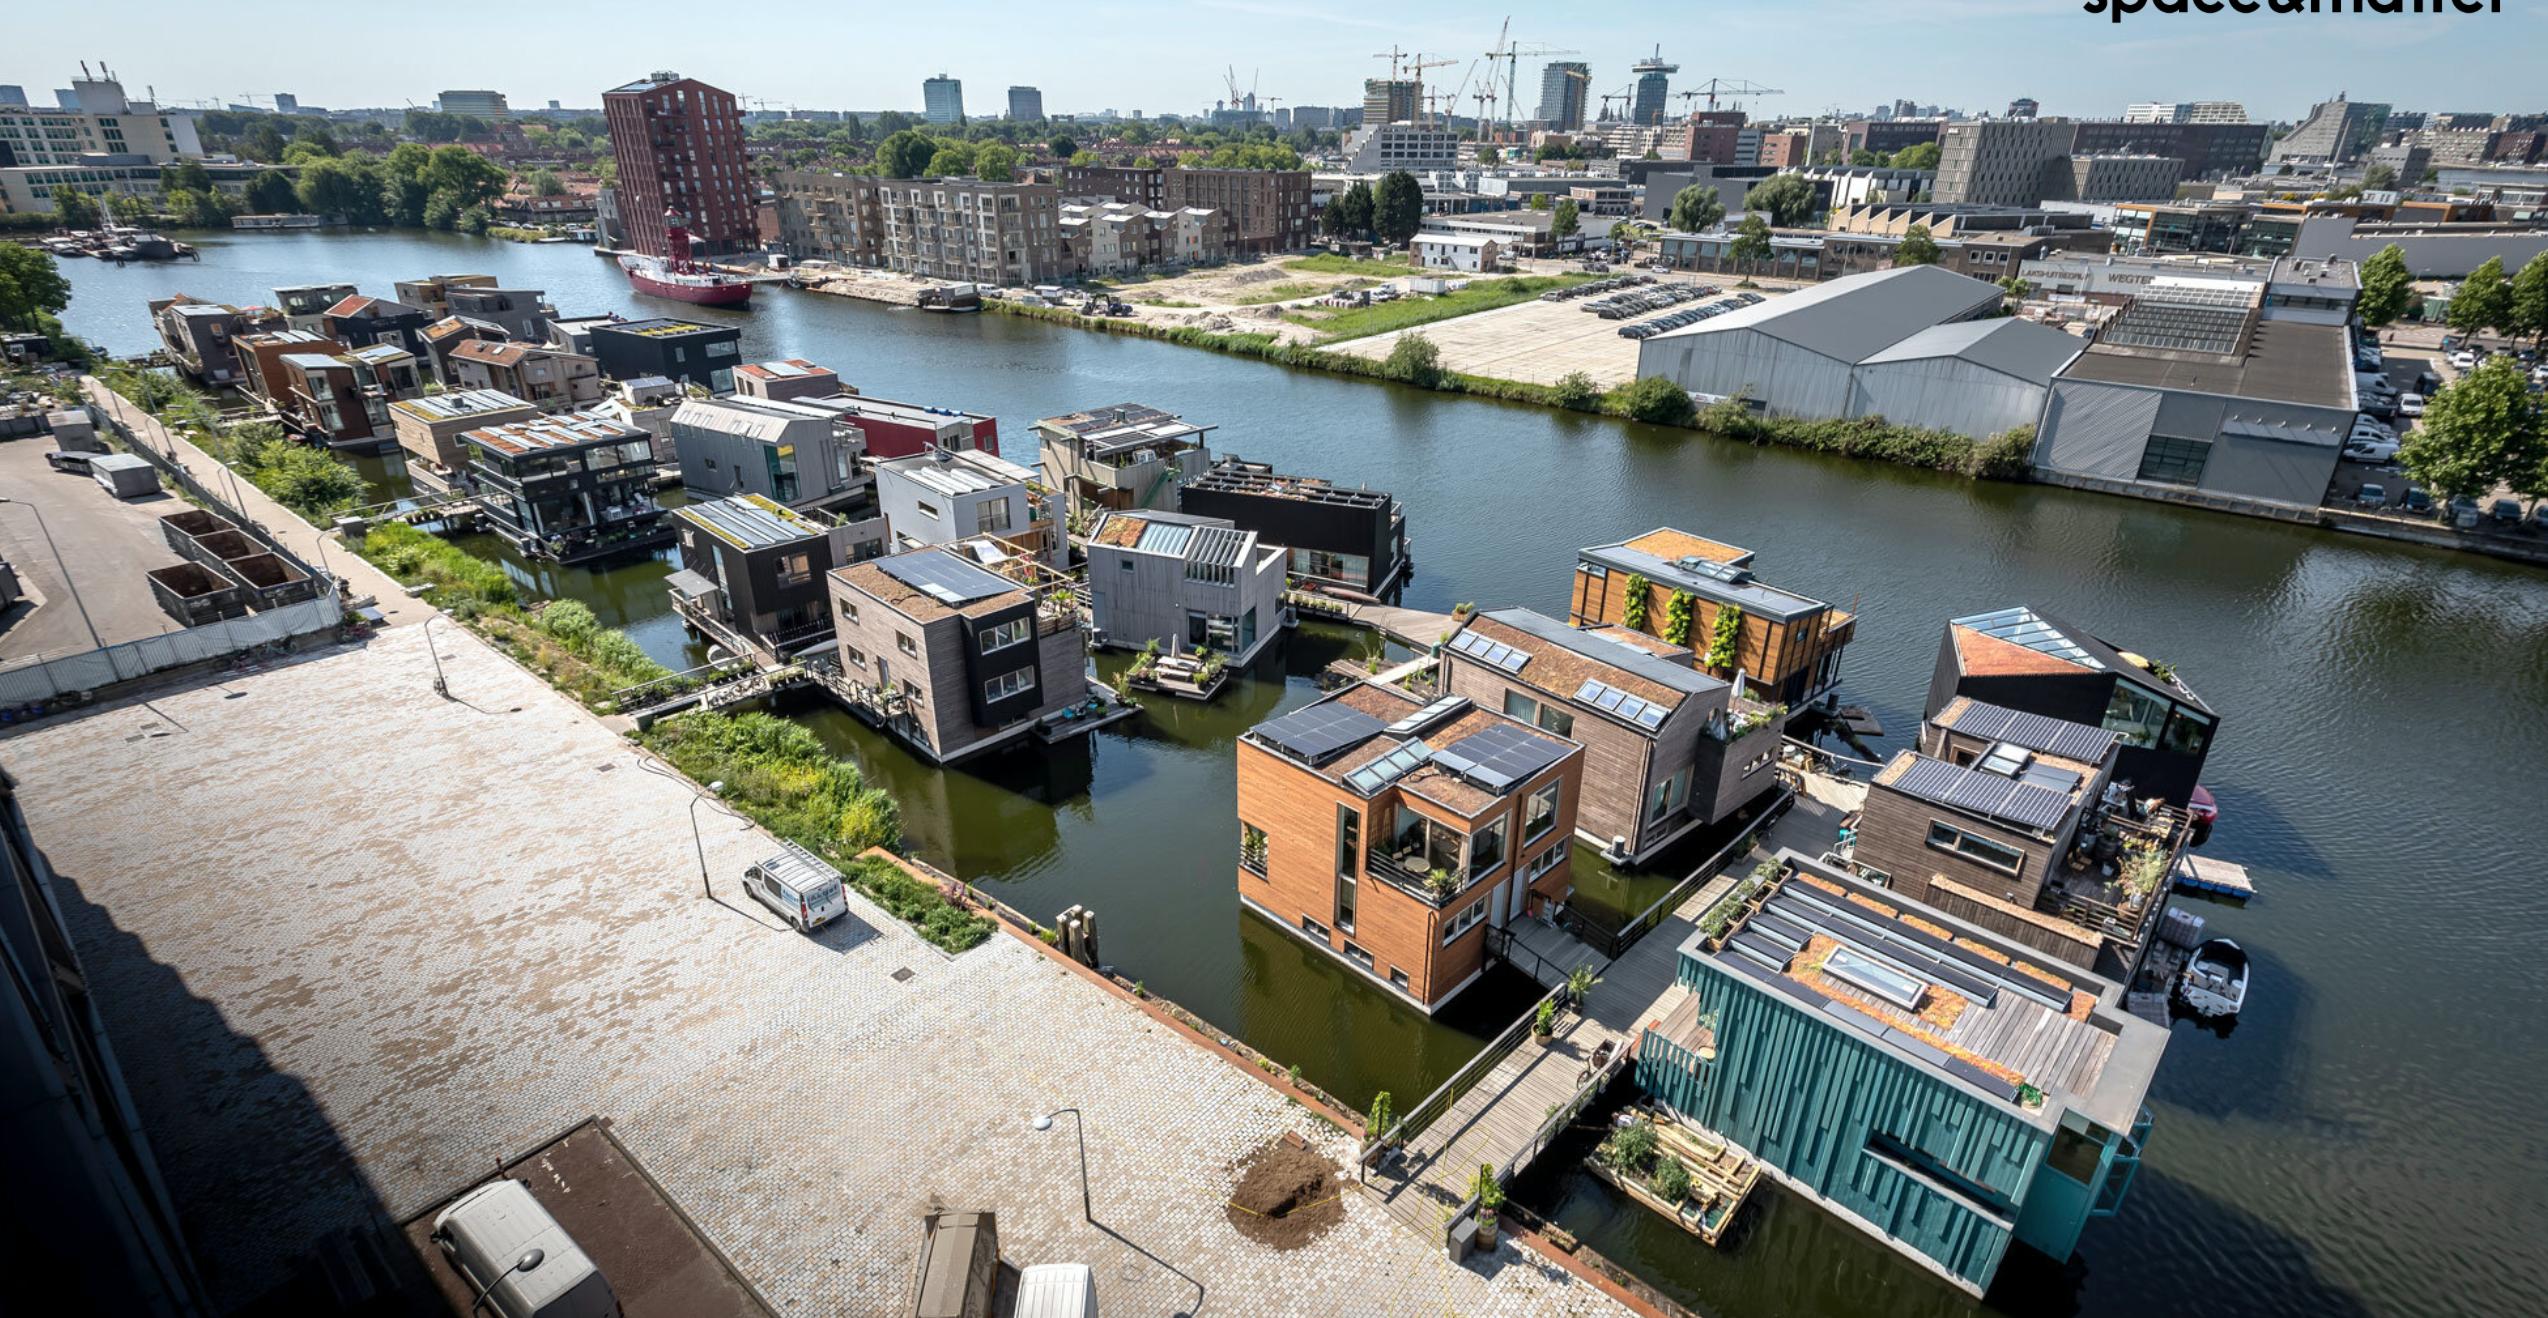 schoonschip-nuevo-barrio-flotante-y-sostenible-en-amsterdam-4-alt